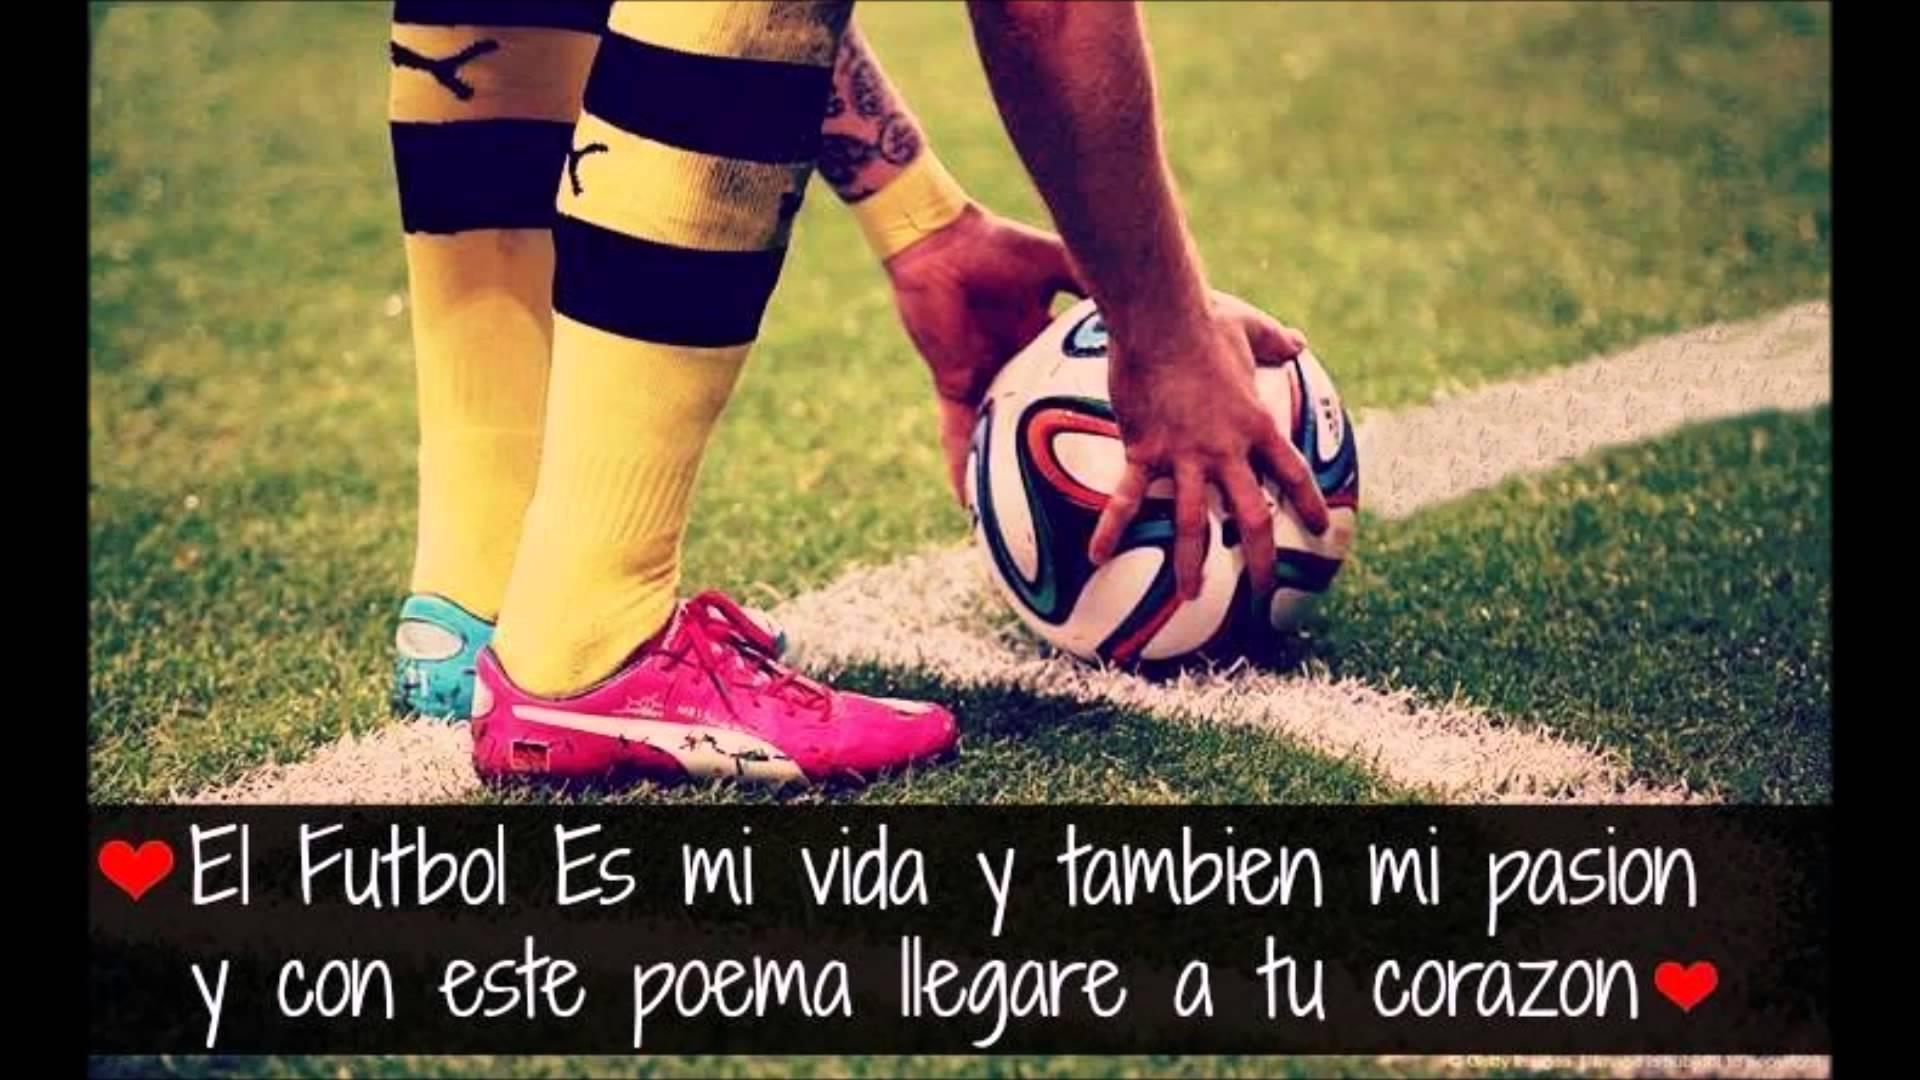 Frases De Futbol 76 Frases